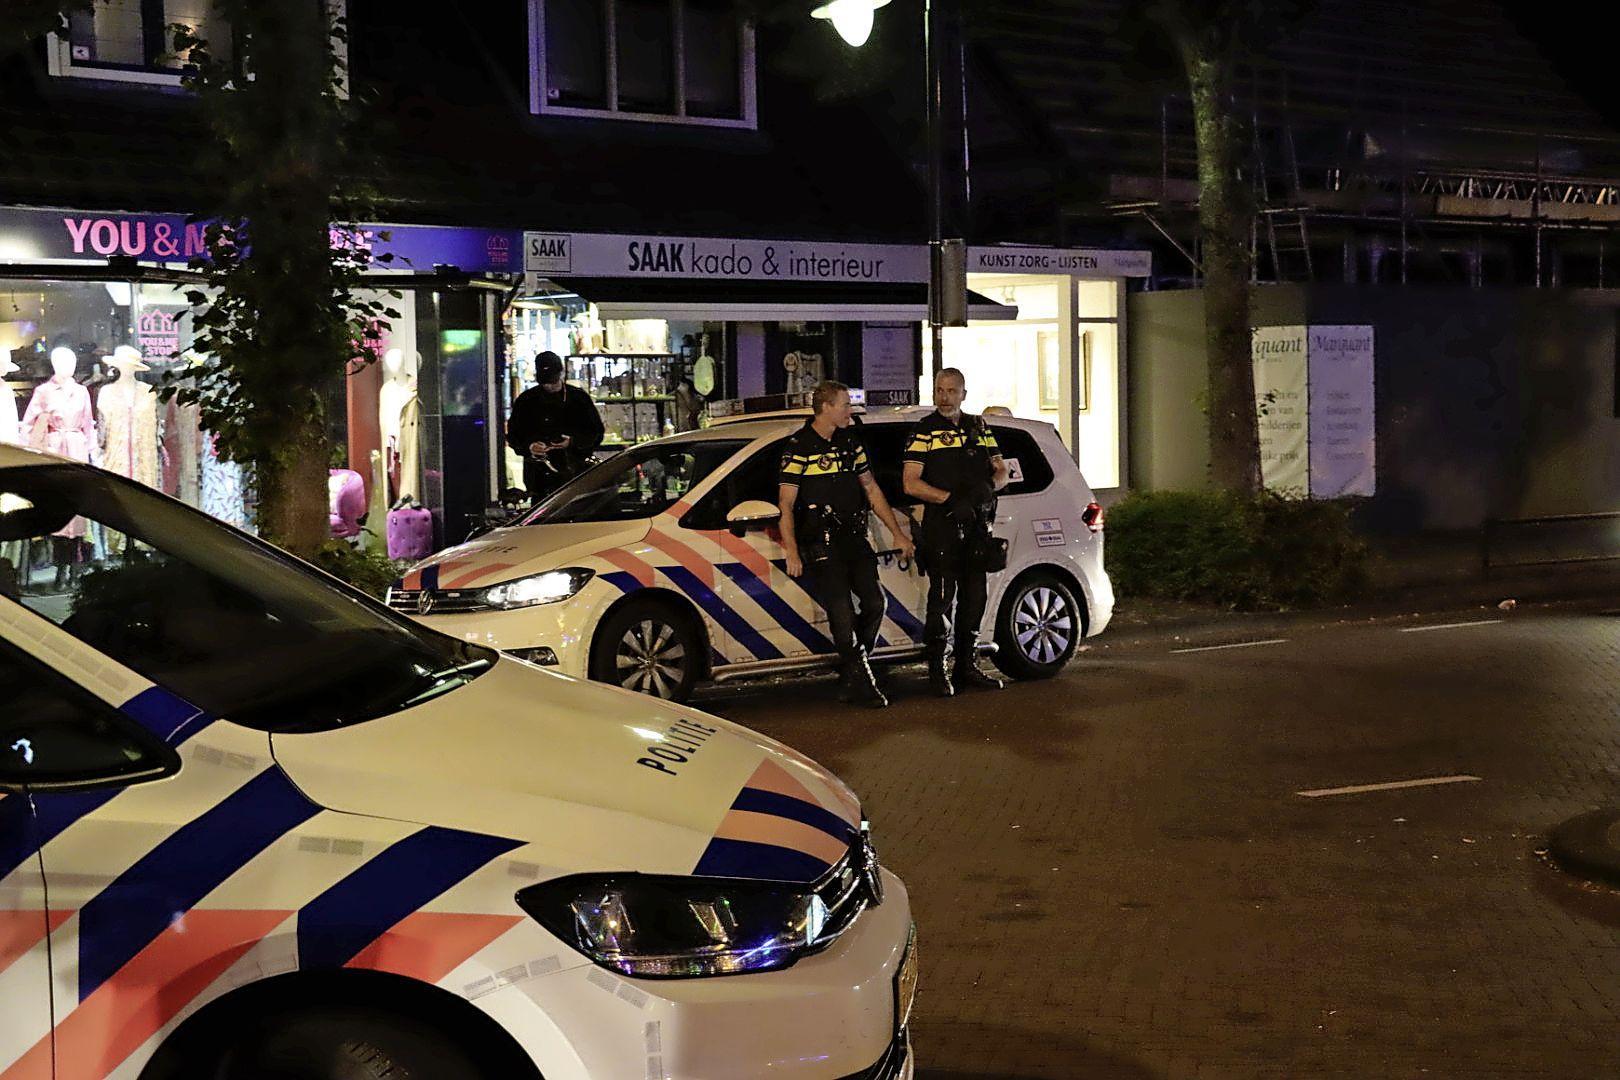 Wederom onrustig op kermis in Laren, politie gebruikt politiehonden om jongeren uiteen te drijven